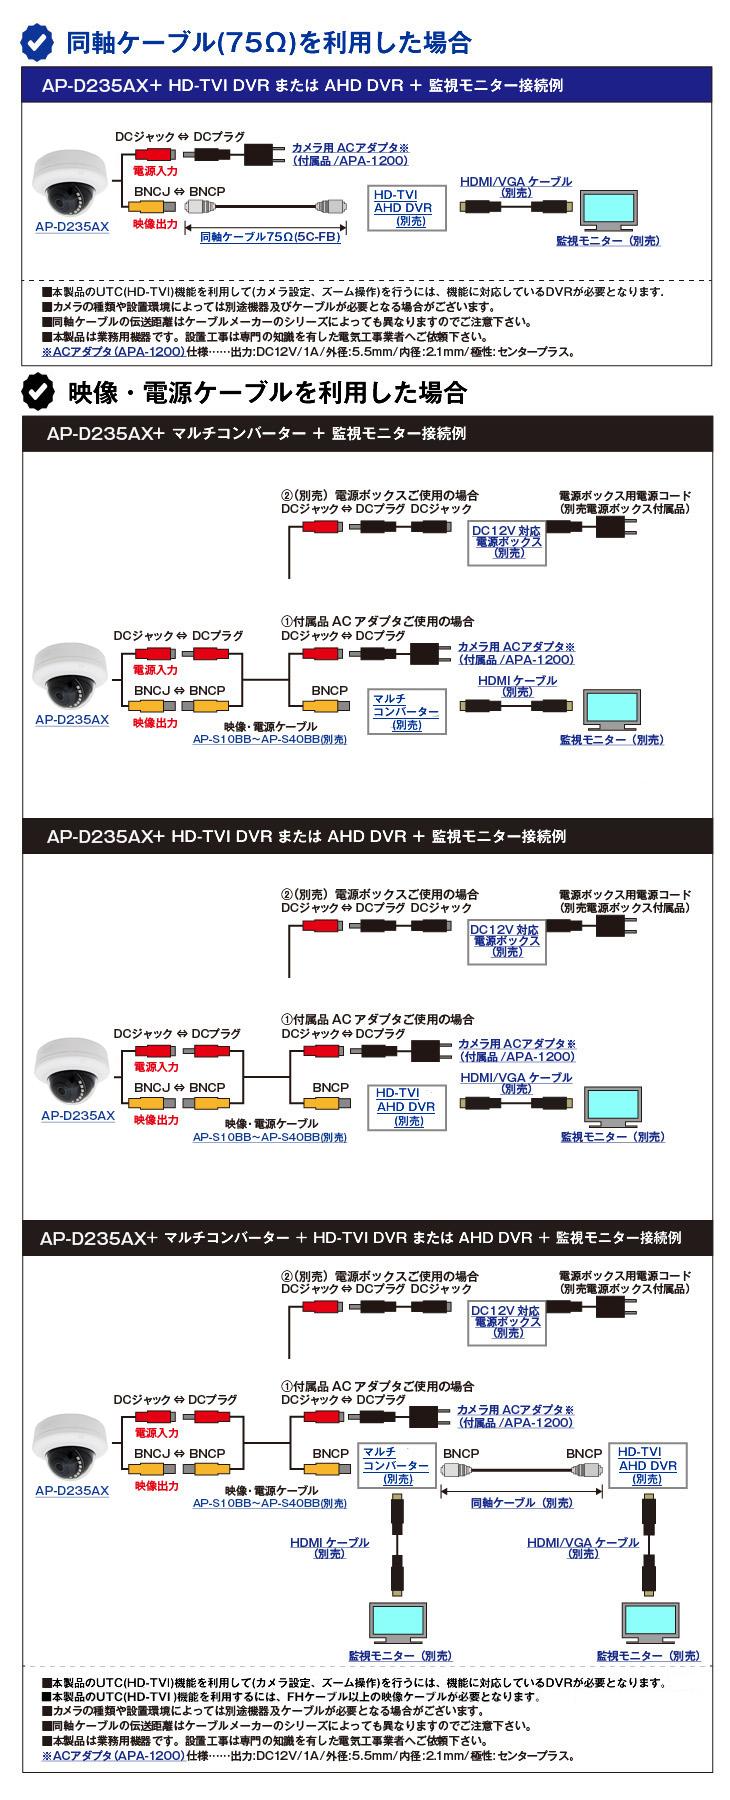 HD-TVI 213万画素防犯カメラ(AP-D235AX)